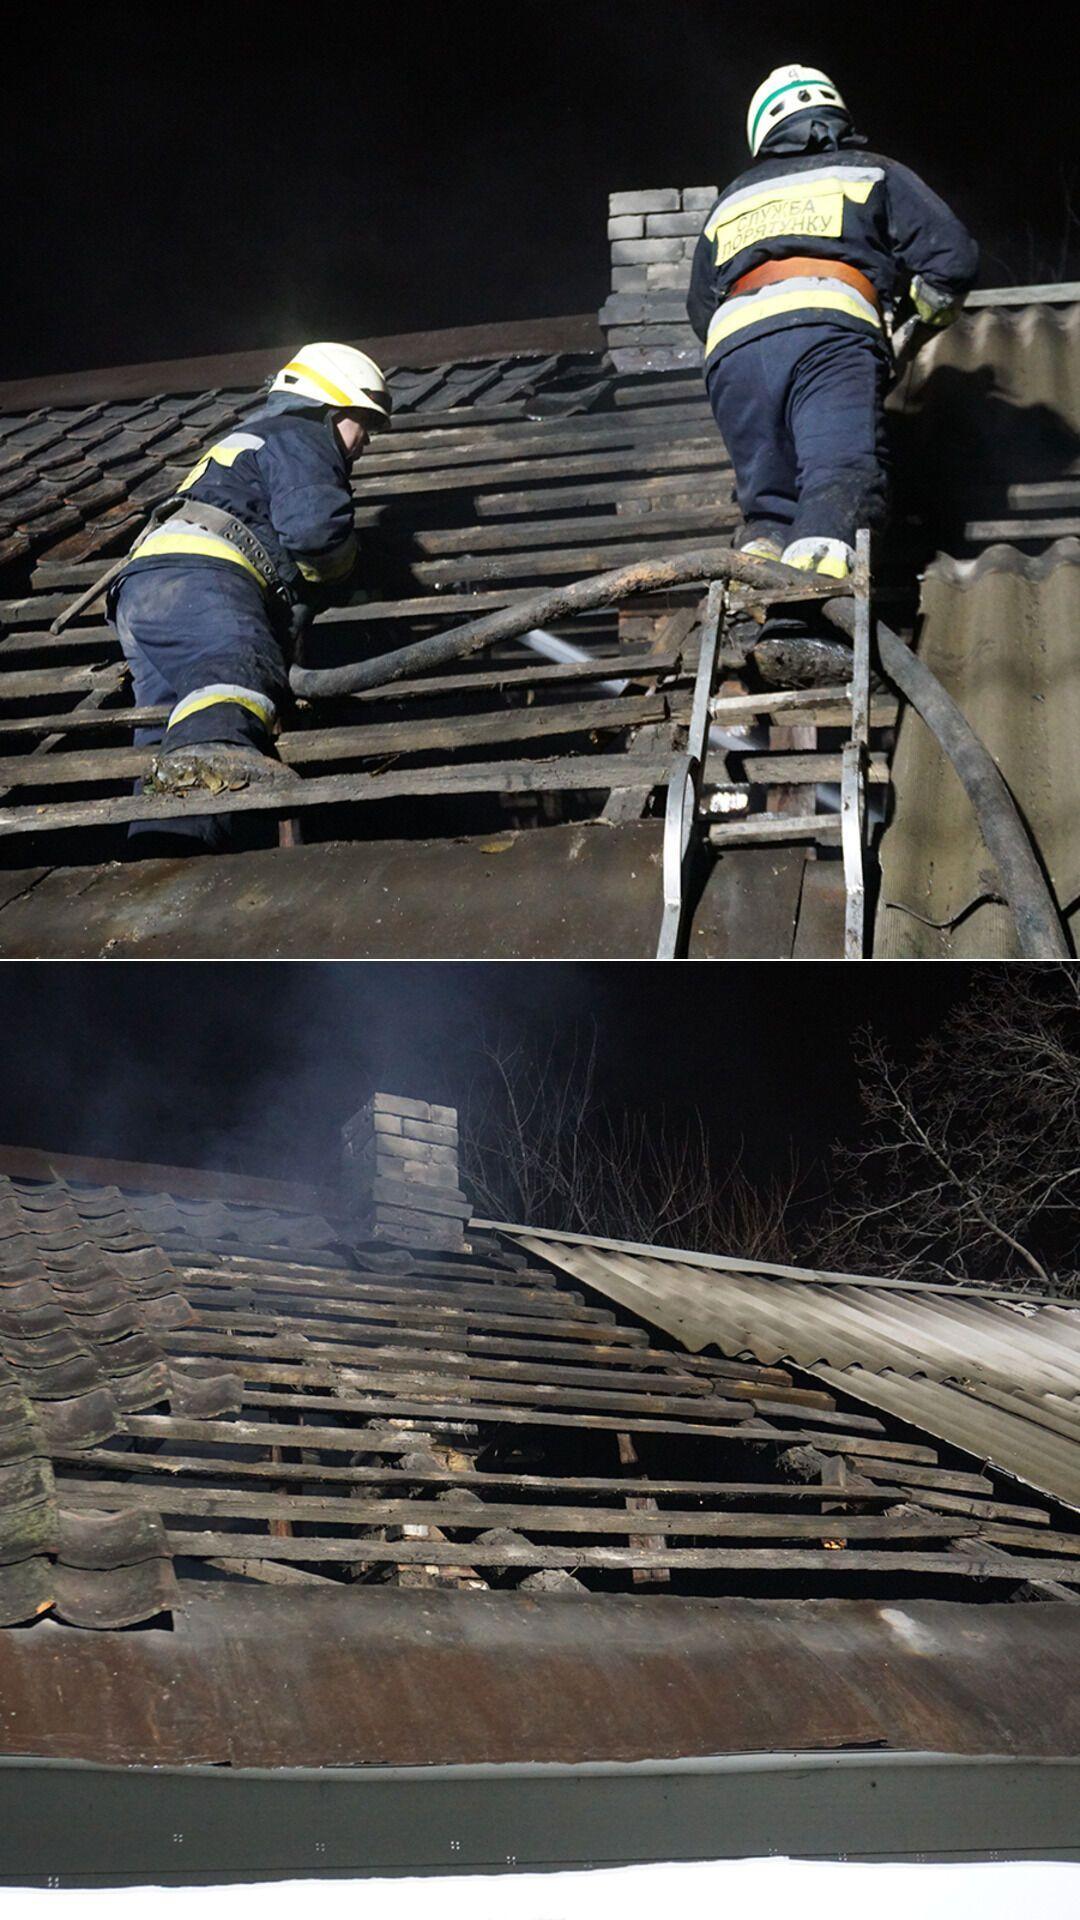 Площа пожежі становила 65 кв. м